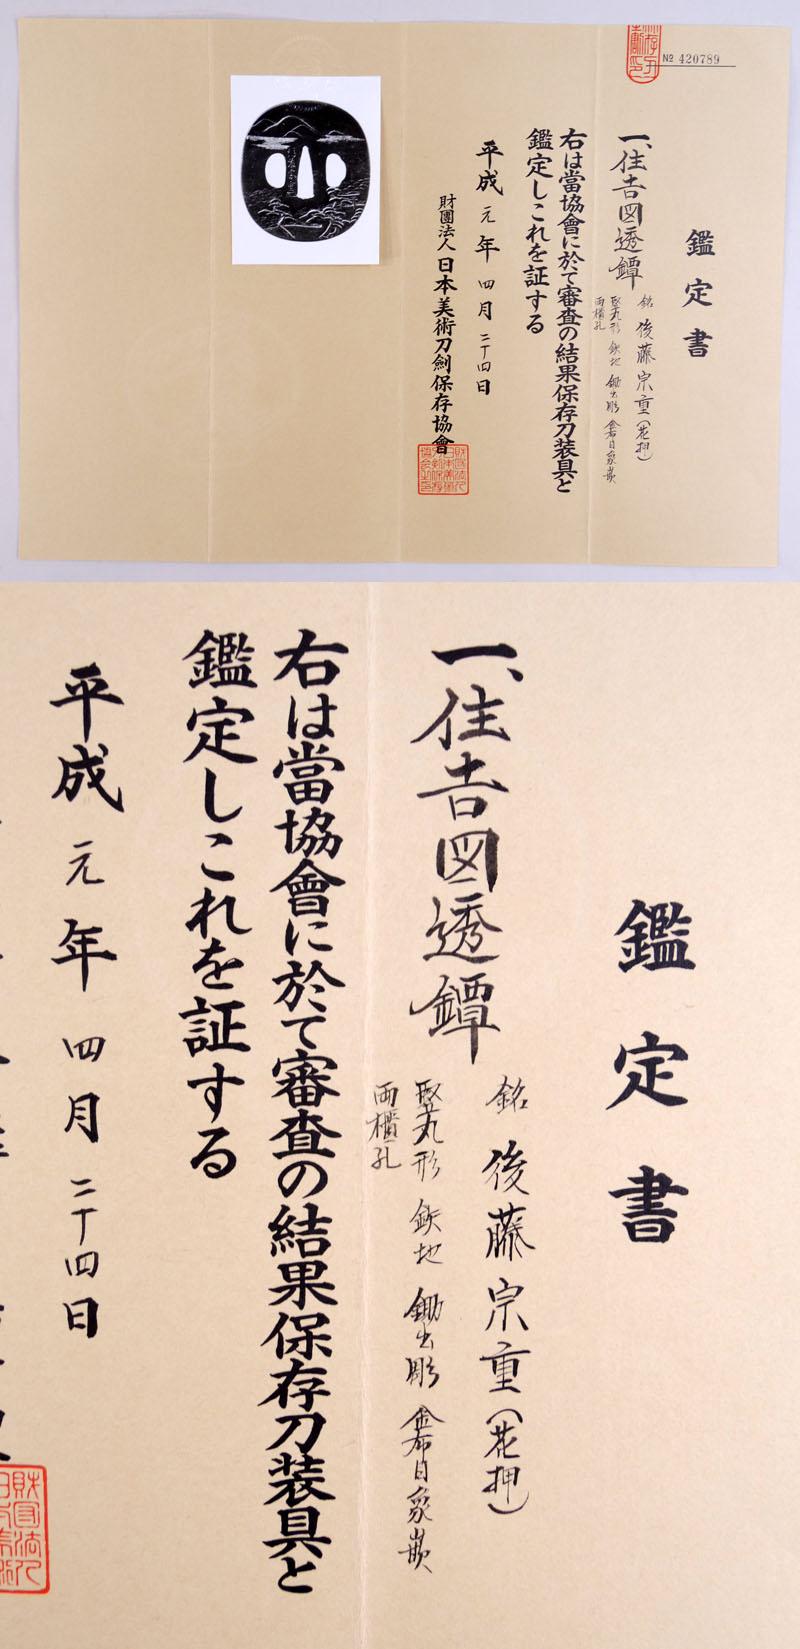 住吉図鍔 後藤宗重(花押) Picture of Certificate